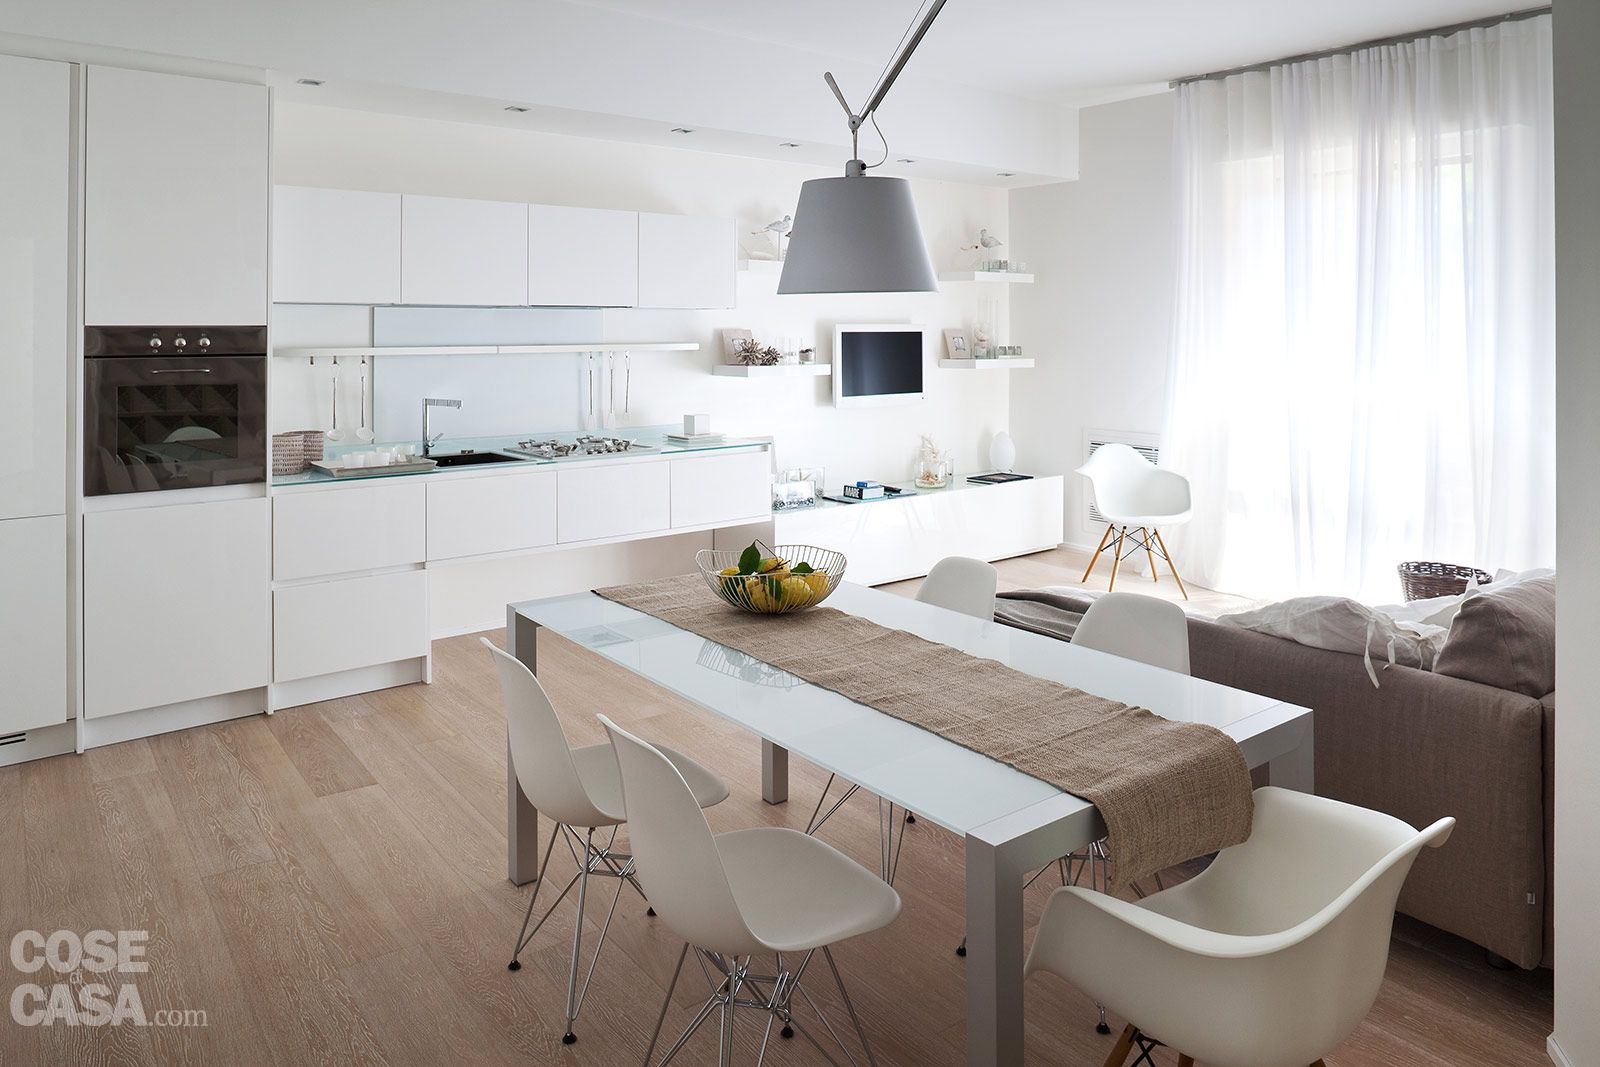 Cucina grigia pareti : colori pareti cucina grigia. cucina grigia ...